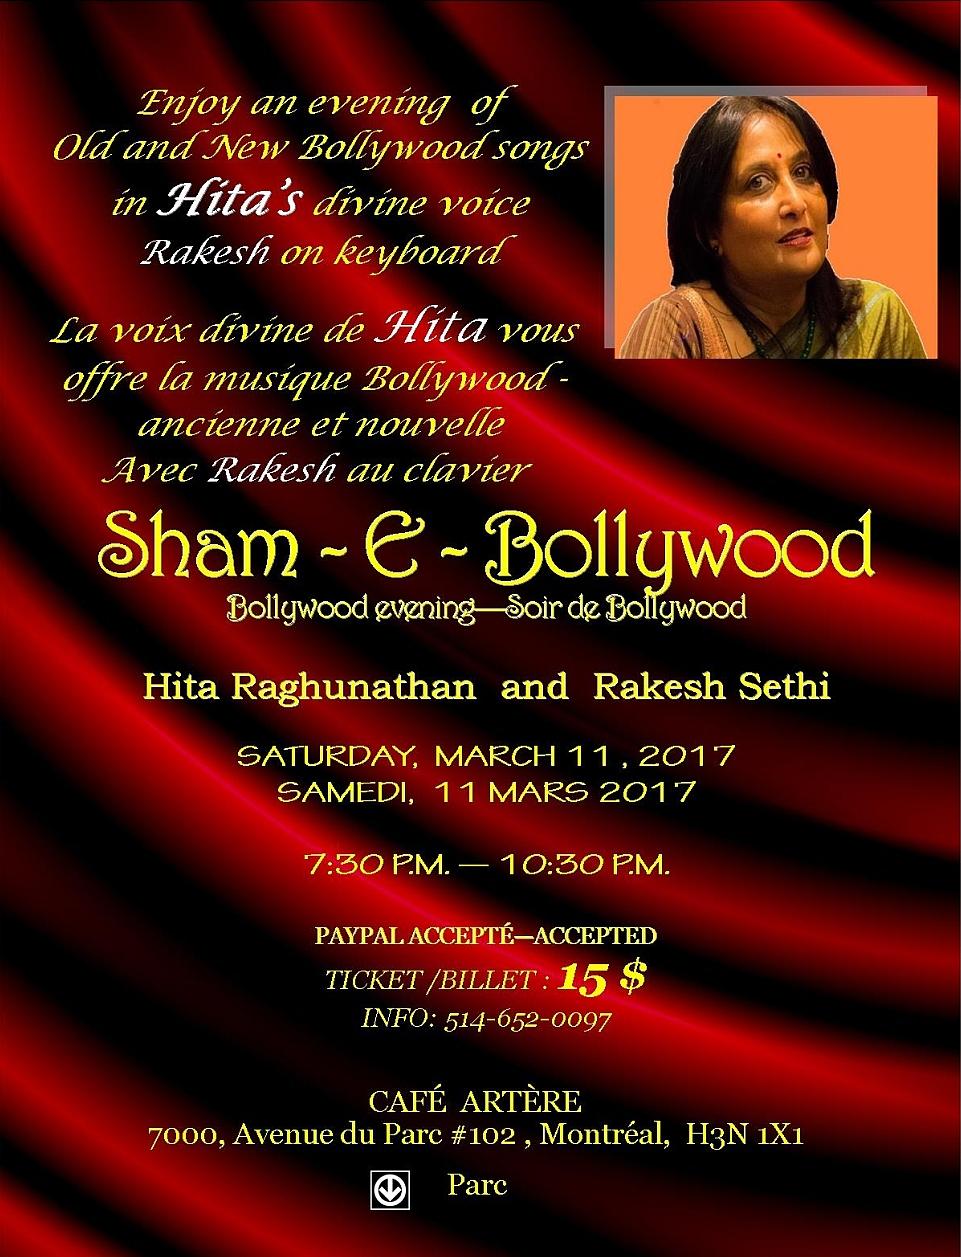 Sham-e-Bollywood with Hita Raghunathan on Saturday March 11, 2017